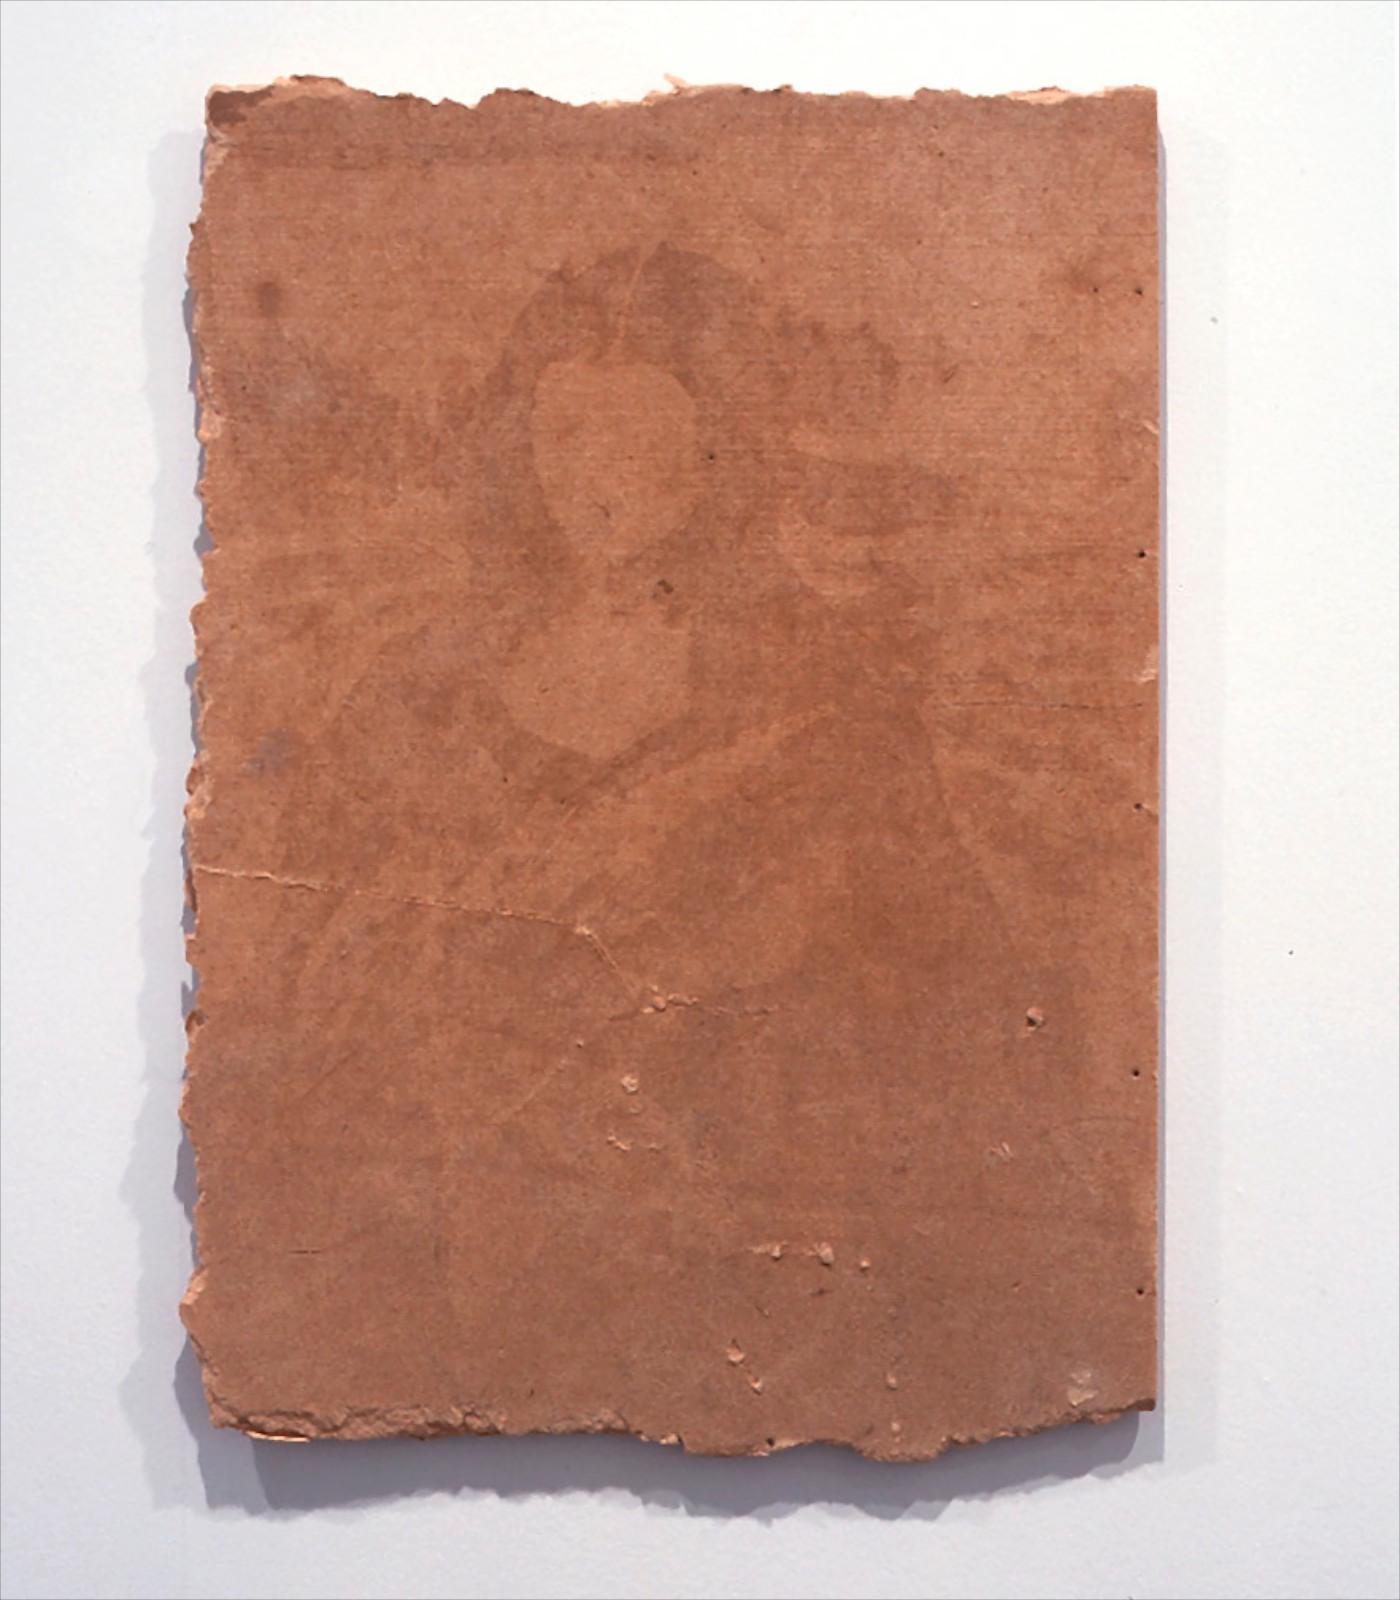 Untitled, 2001, water on fiberboard, 80 x 57 x 1.5 cm